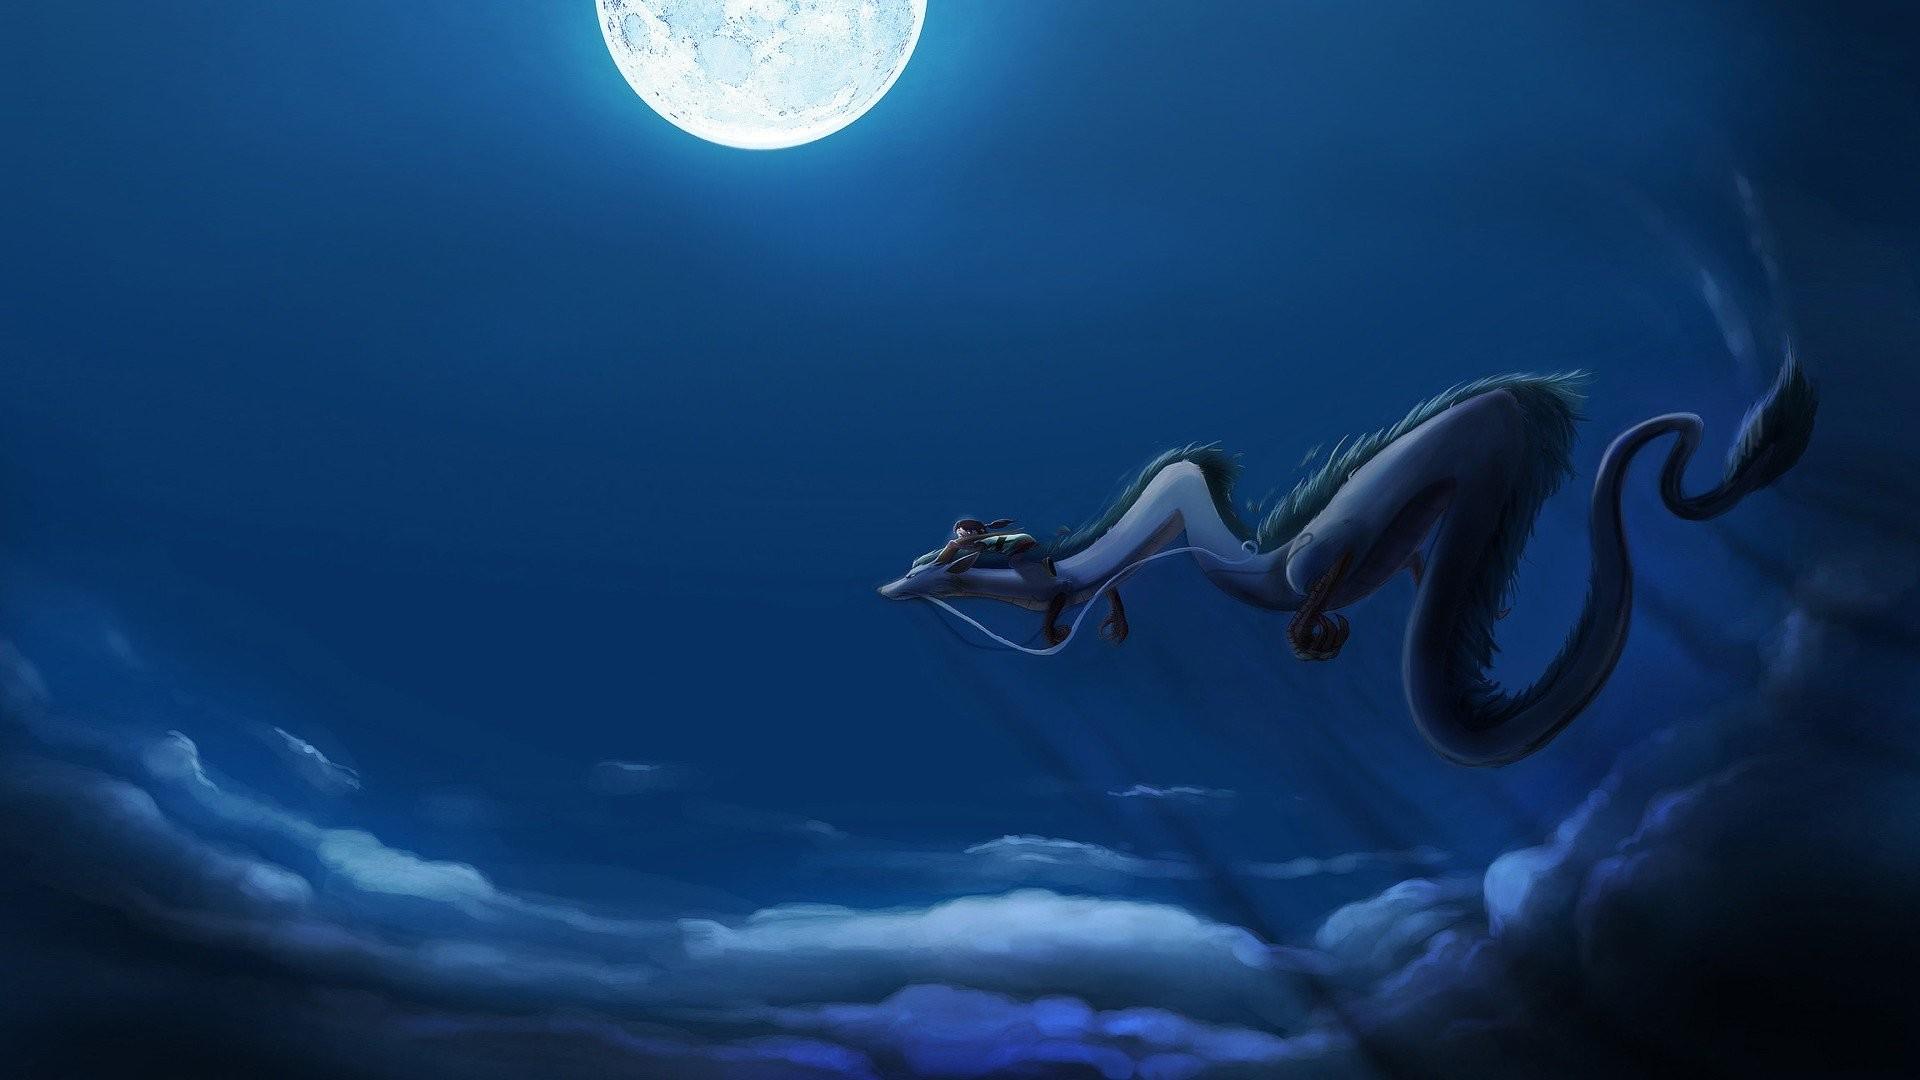 Studio Ghibli Wallpaper 66 Images